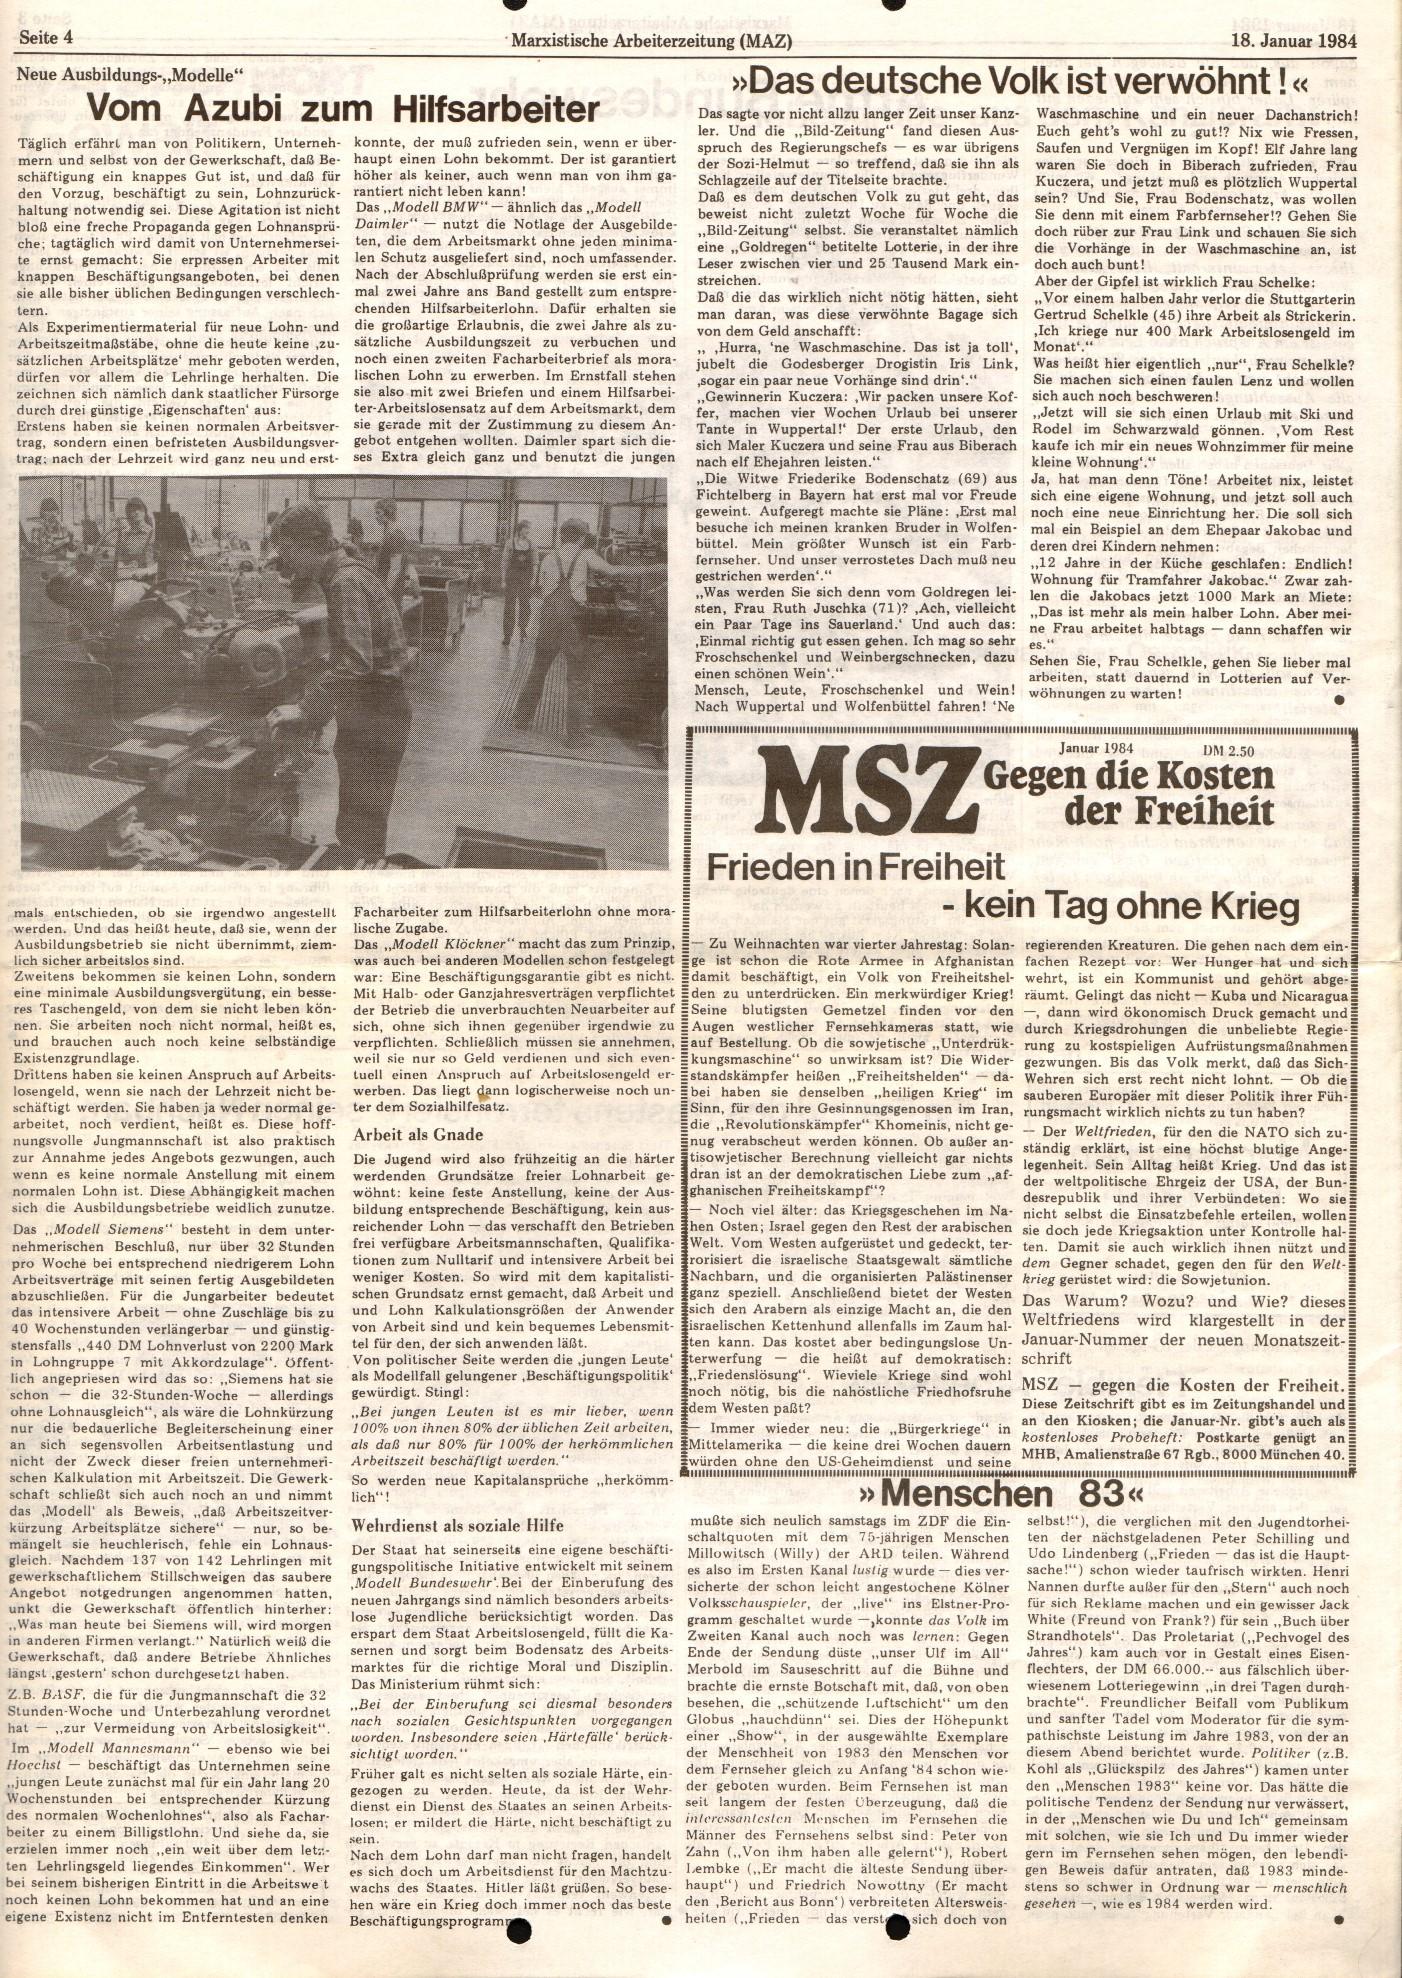 BW_MG_Marxistische_Arbeiterzeitung_19840118_04